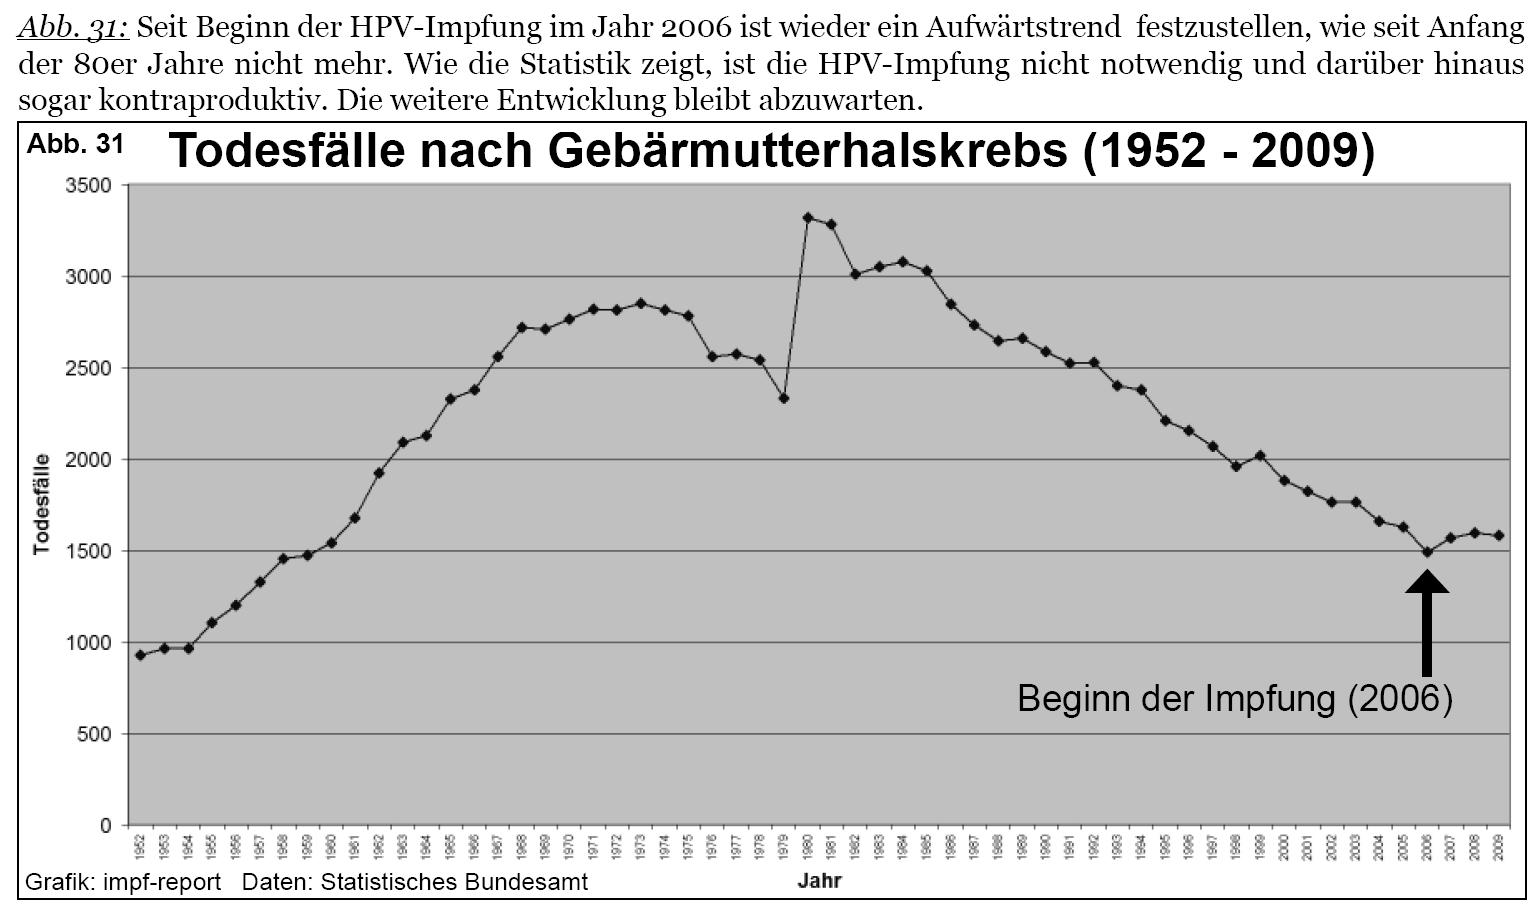 papillomavirus impfung risiken)